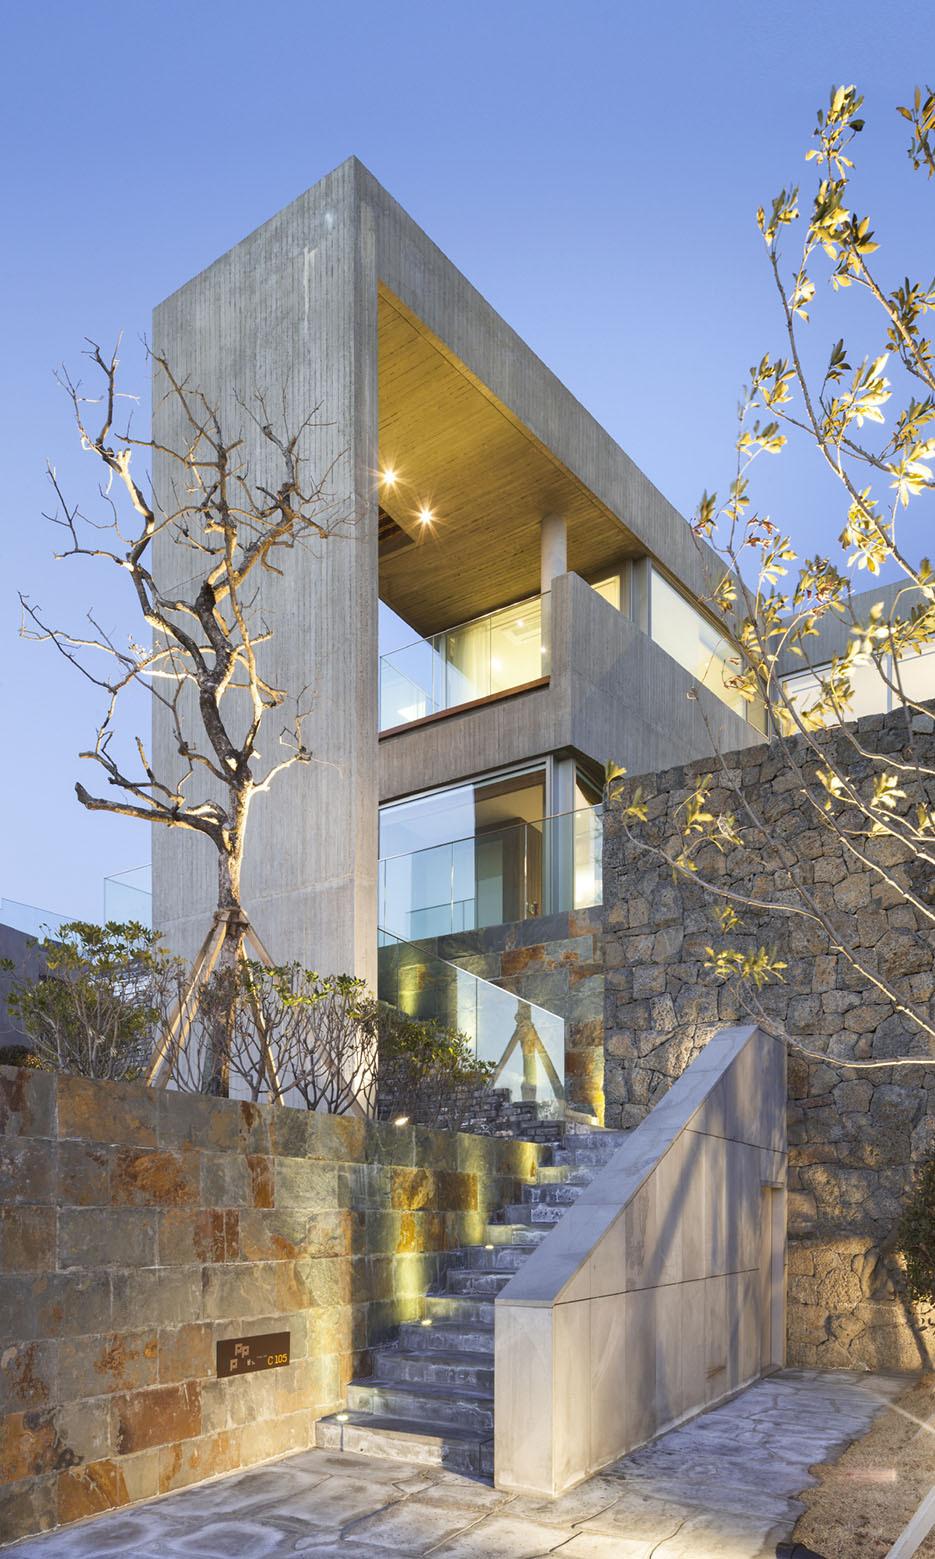 Jeju Bayhill Pool & Villa / Kim Dong-jin + L'eau Design (16)